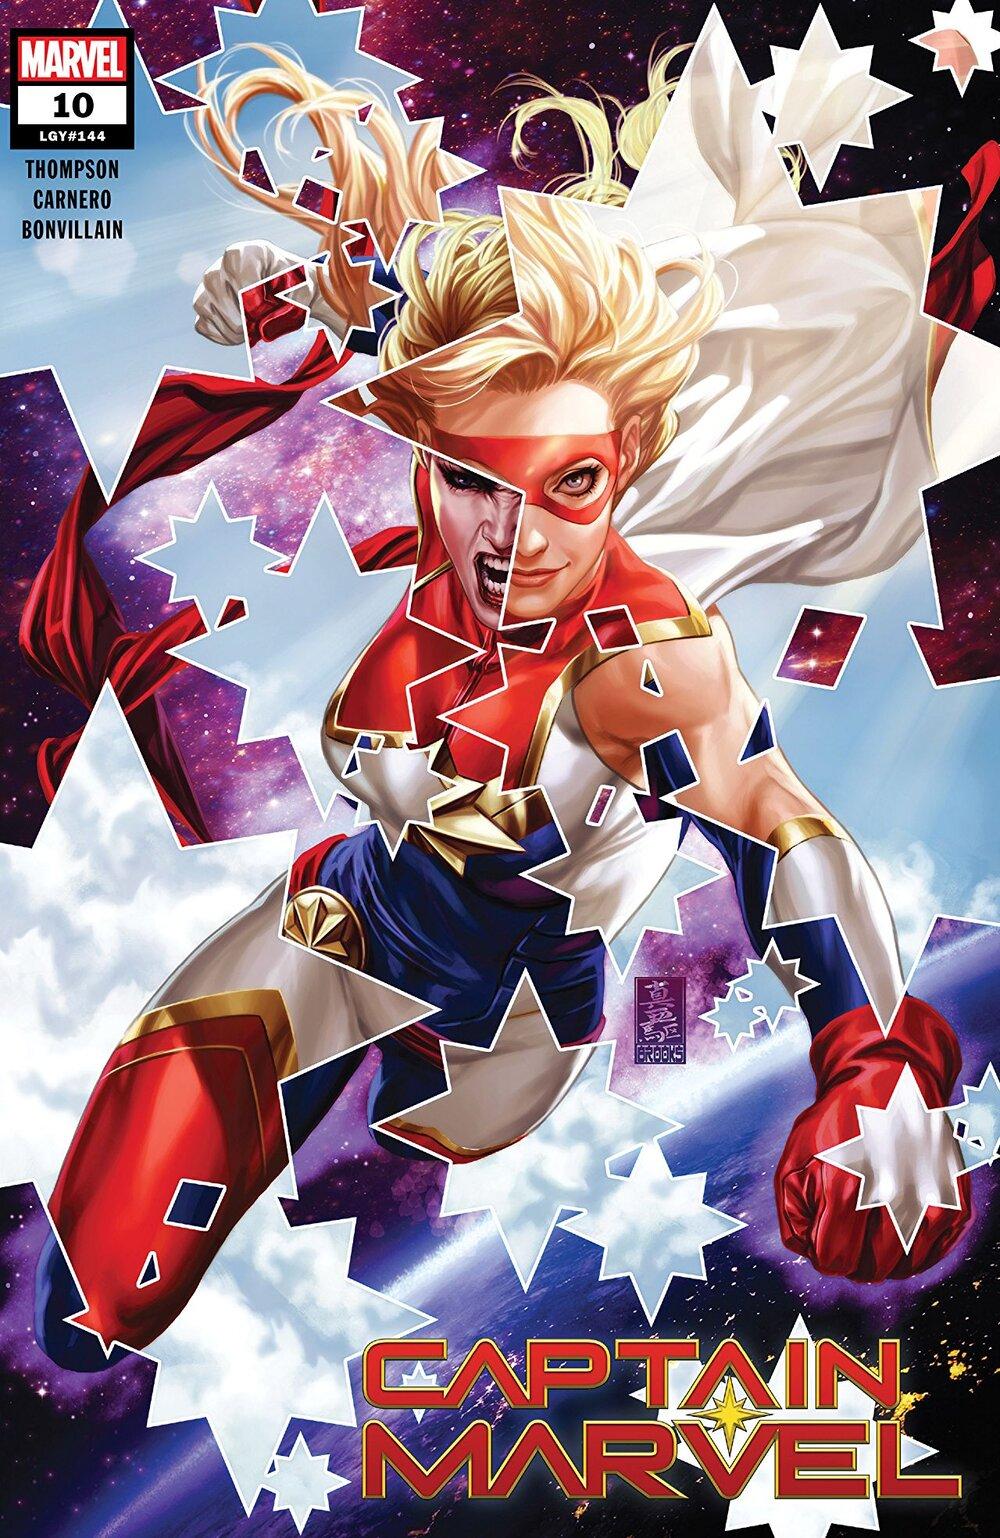 Captain marvel cover.jpg